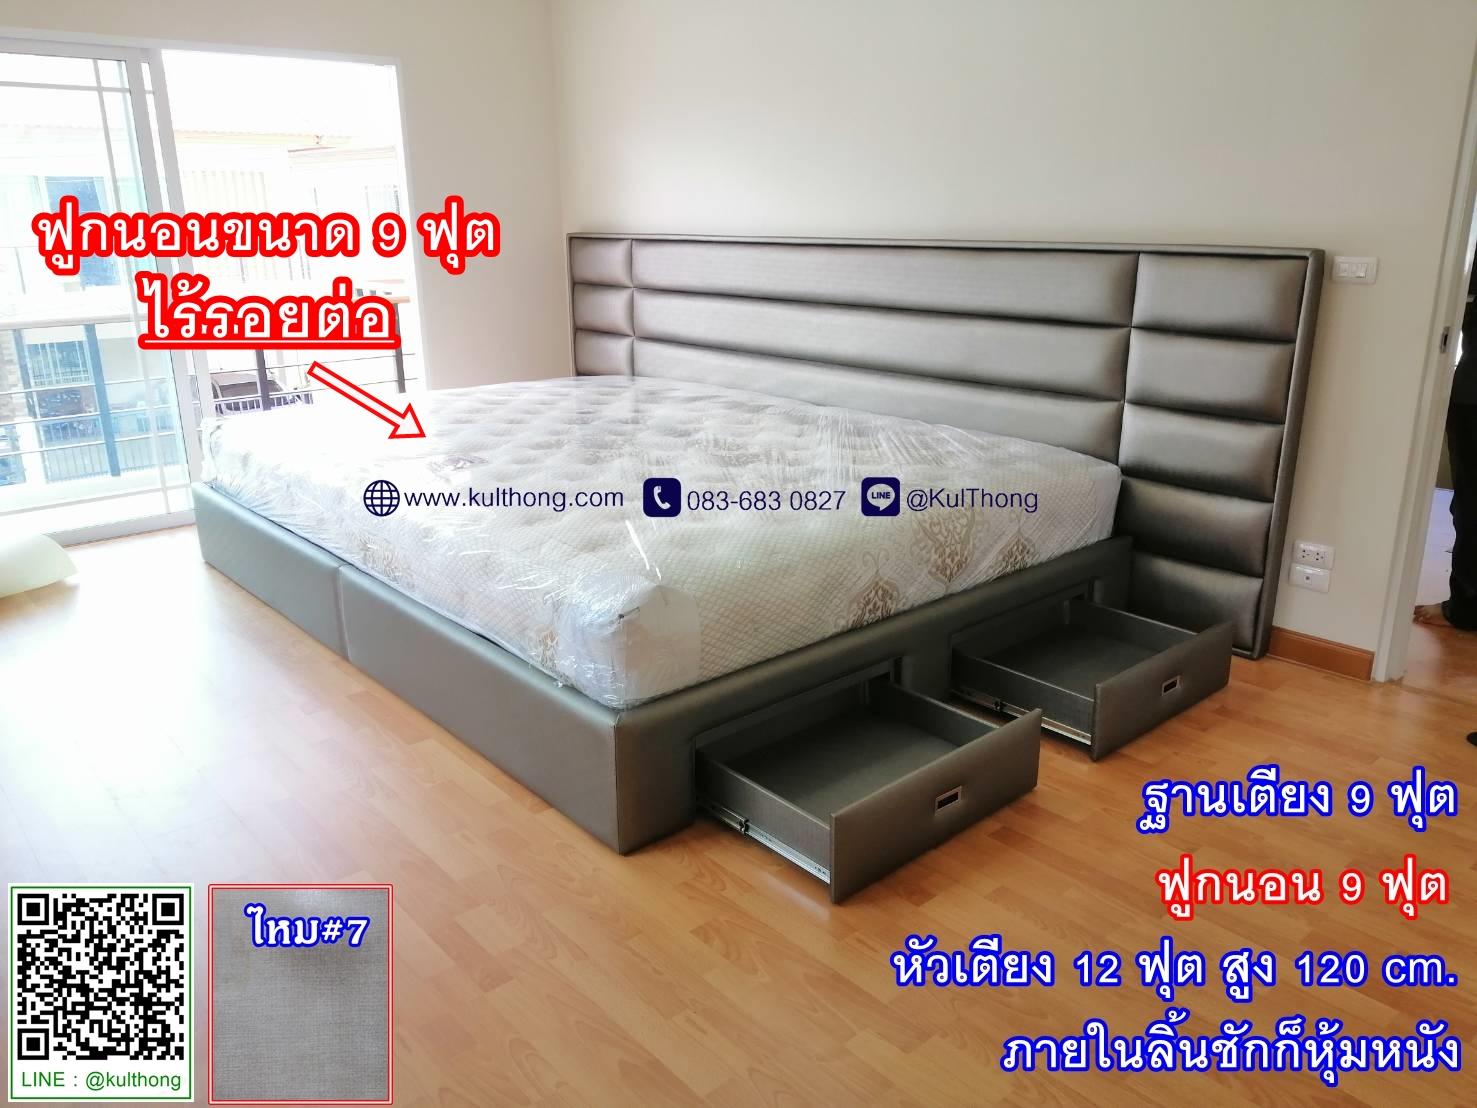 เตียงหุ้มหนัง หัวเตียงสำเร็จ หัวเตียงแขวนผนัง ฟูกนอนขนาดใหญ่